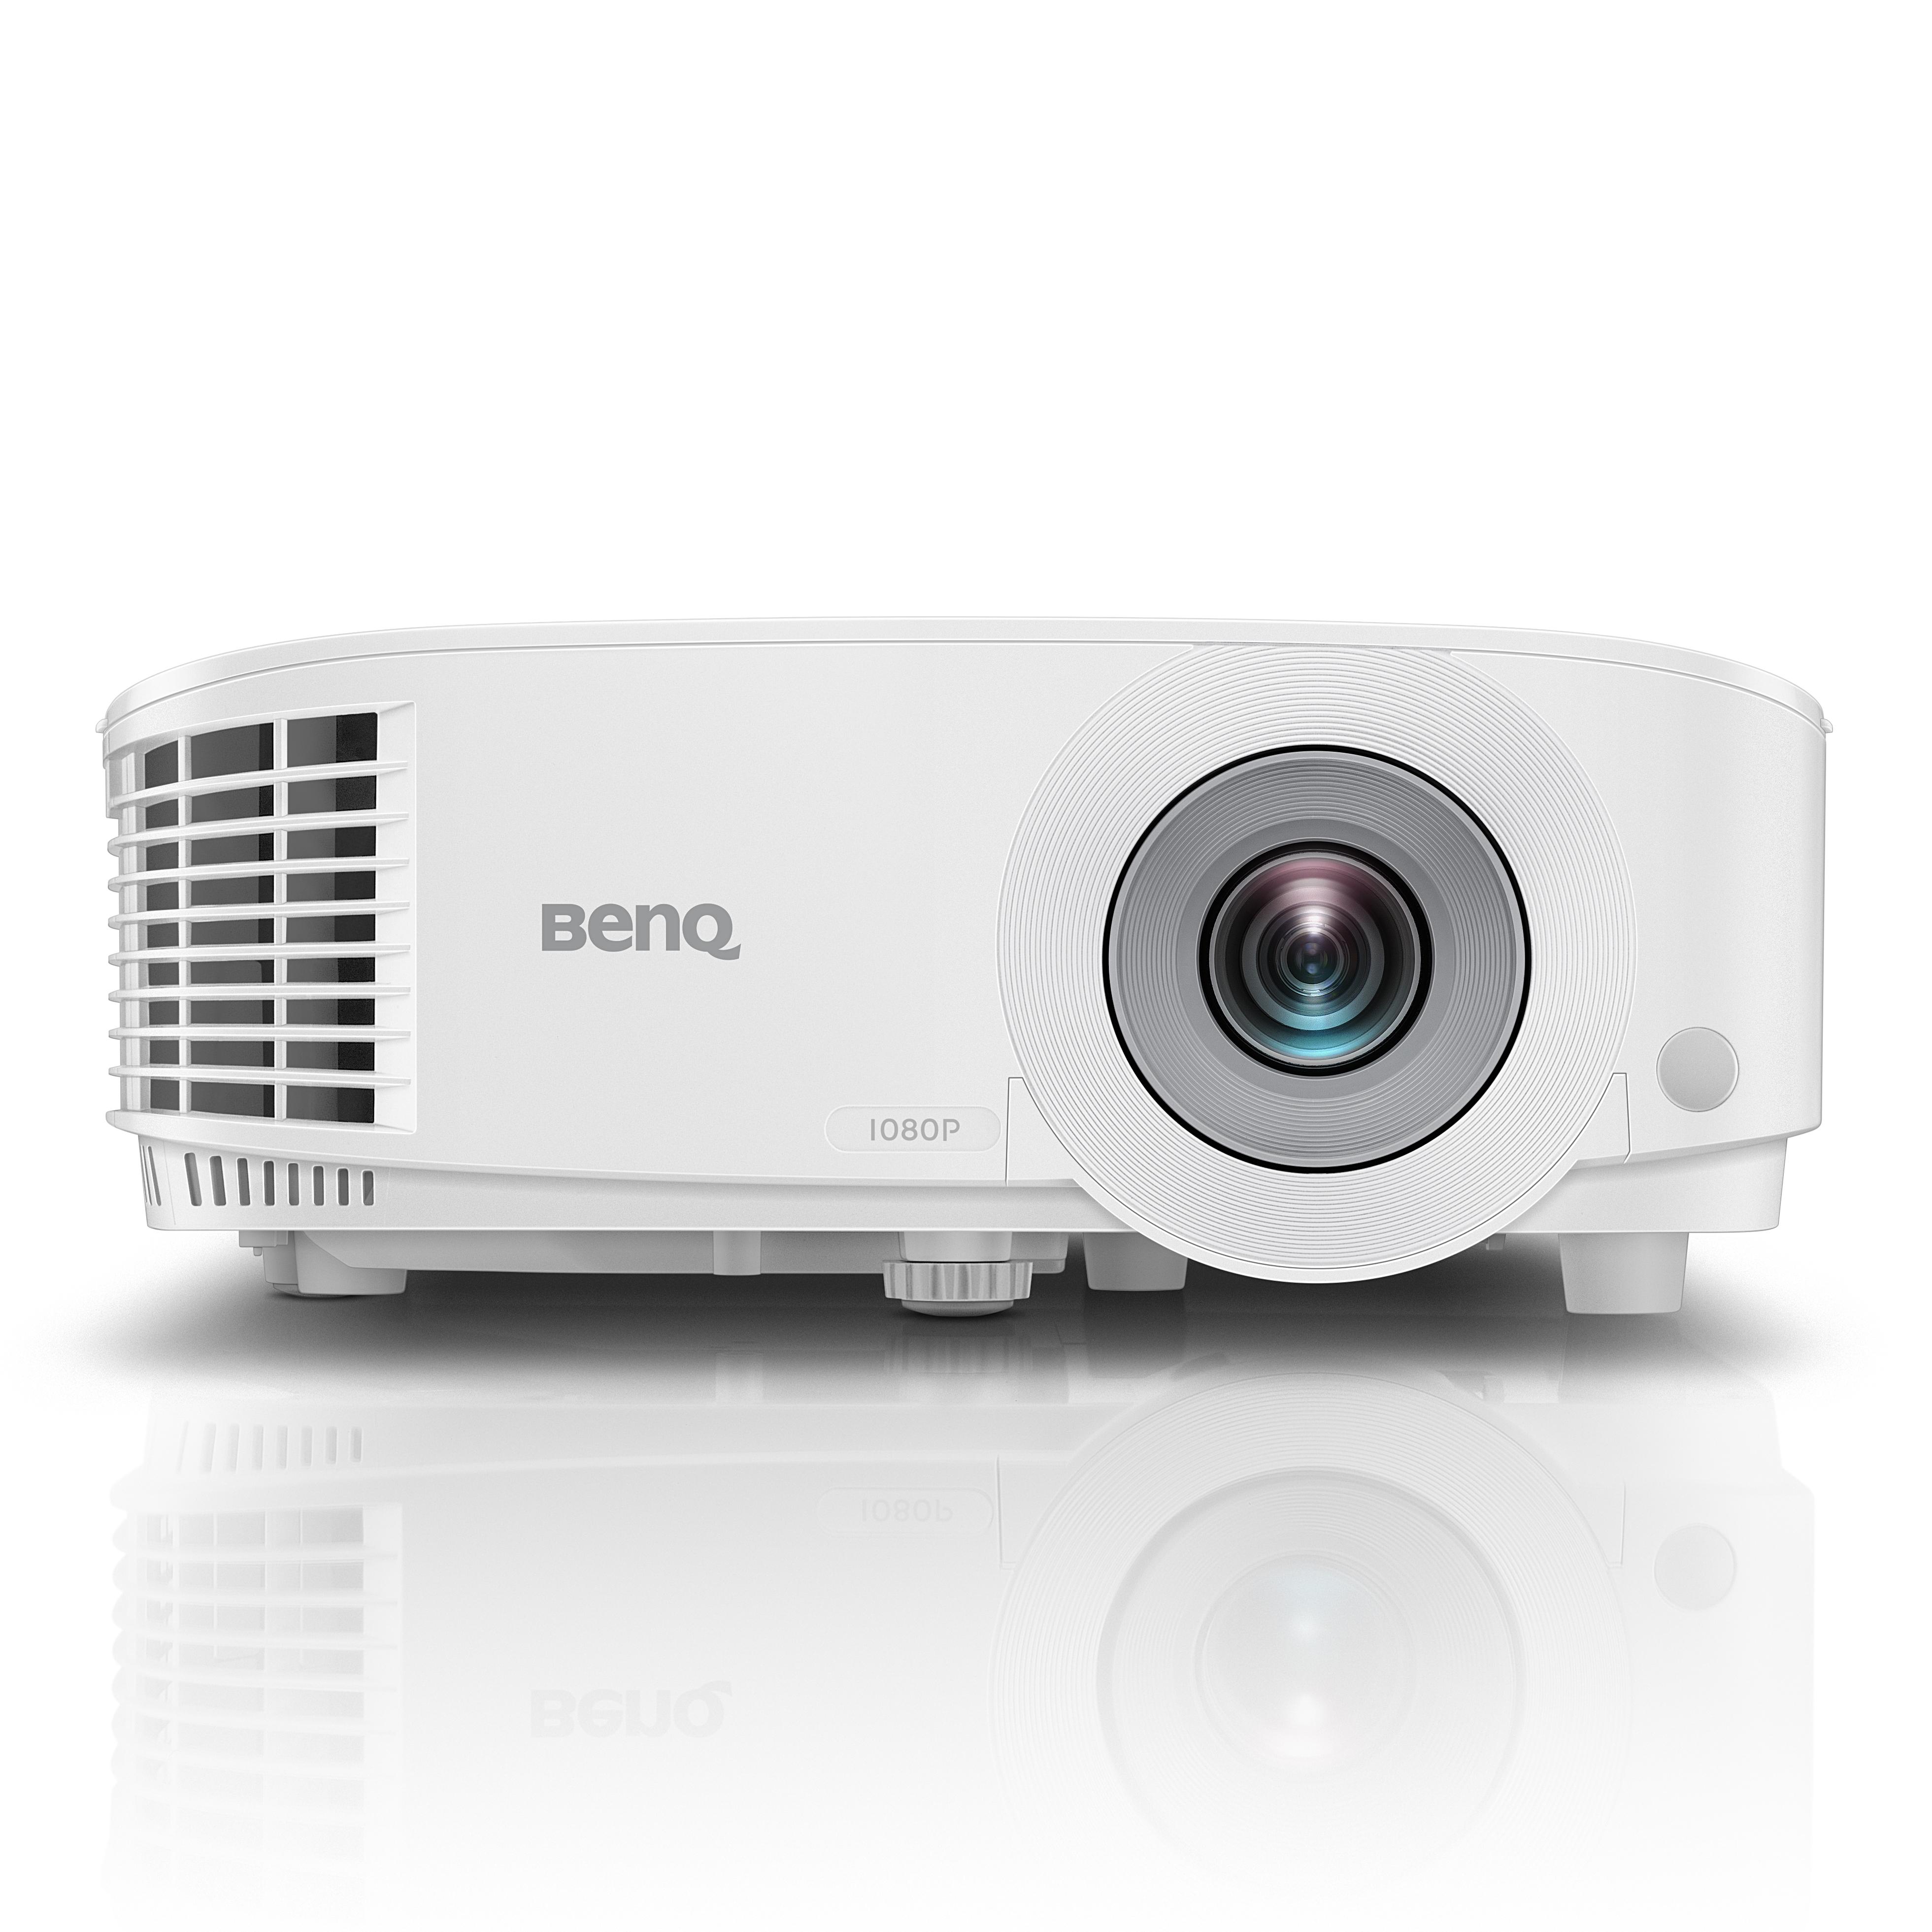 Videoproiector BenQ MH606 Full HD title=Videoproiector BenQ MH606 Full HD